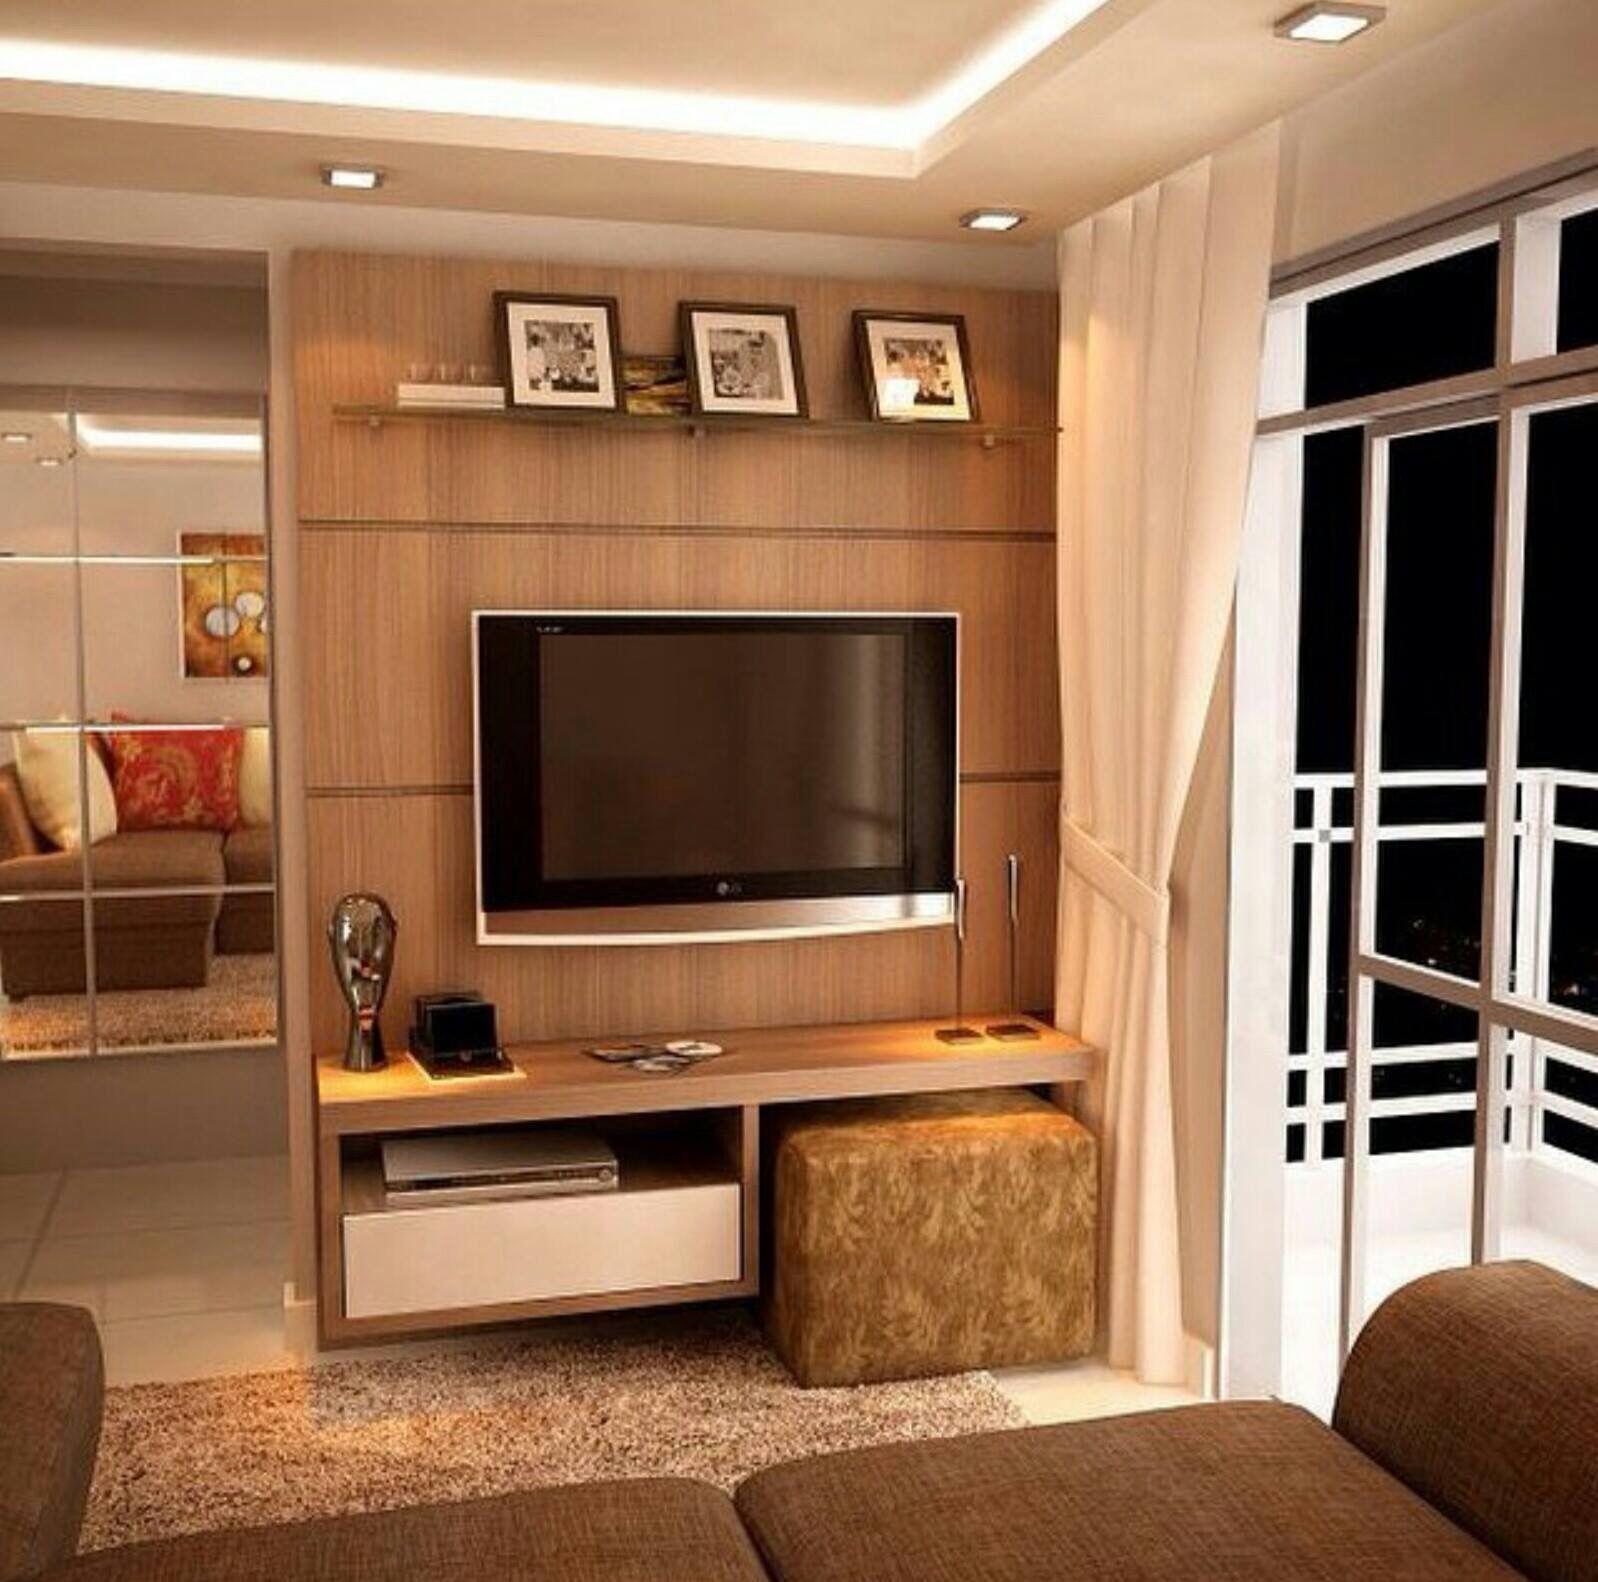 Innenarchitektur für schlafzimmer-tv-einheit pin von jörn ehling auf wohnzimmer  pinterest  wohnzimmer haus